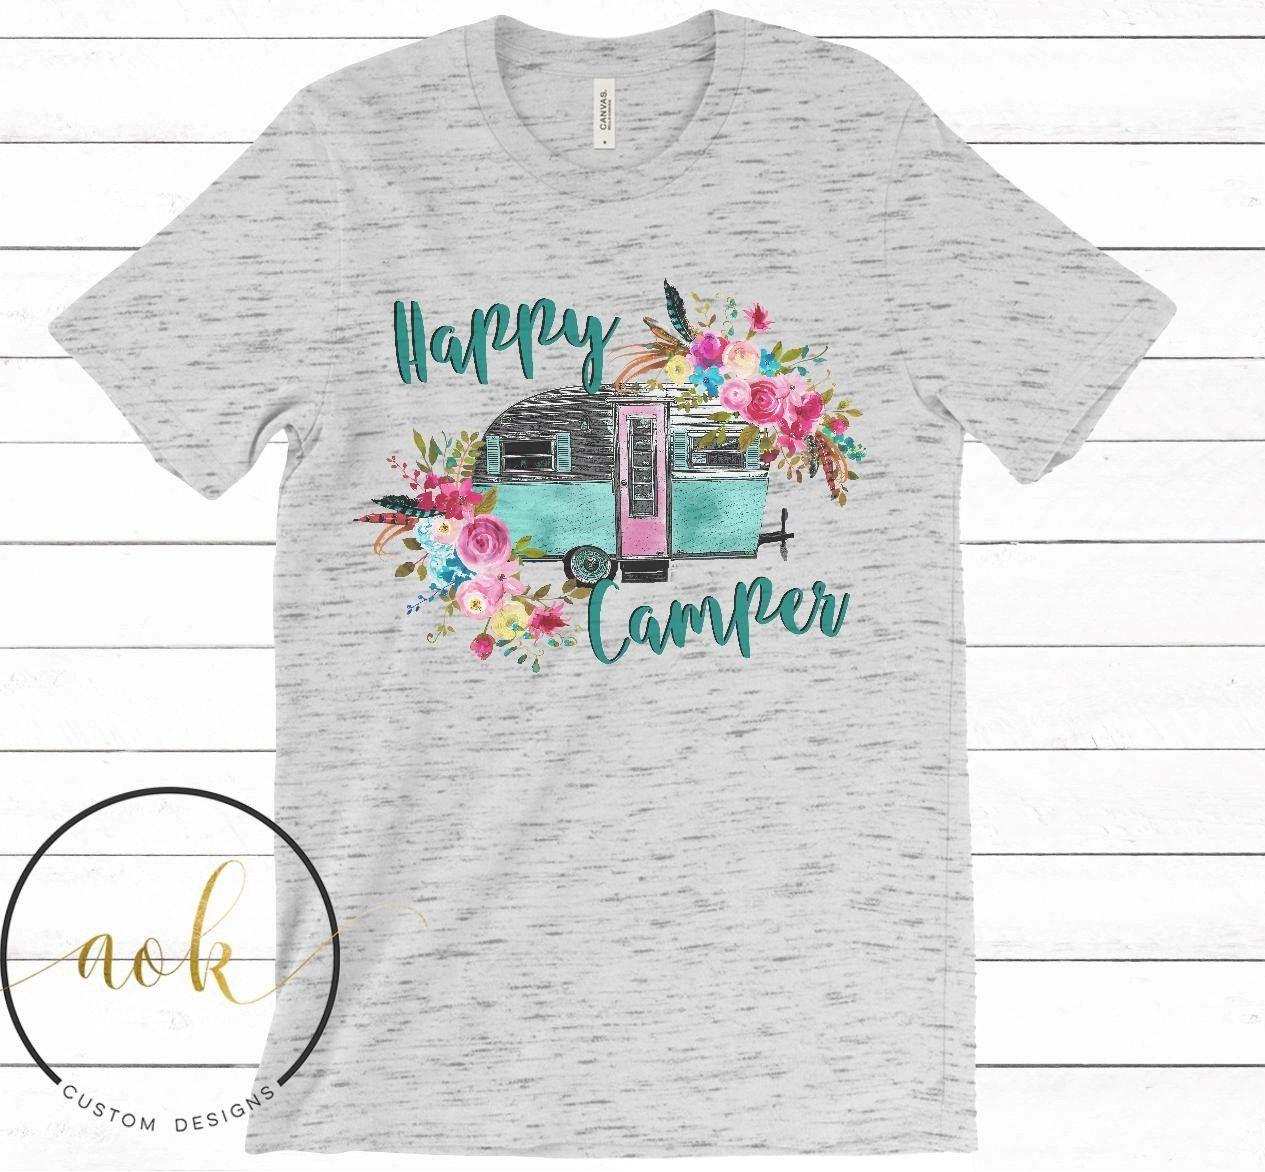 One cute camper tshirt